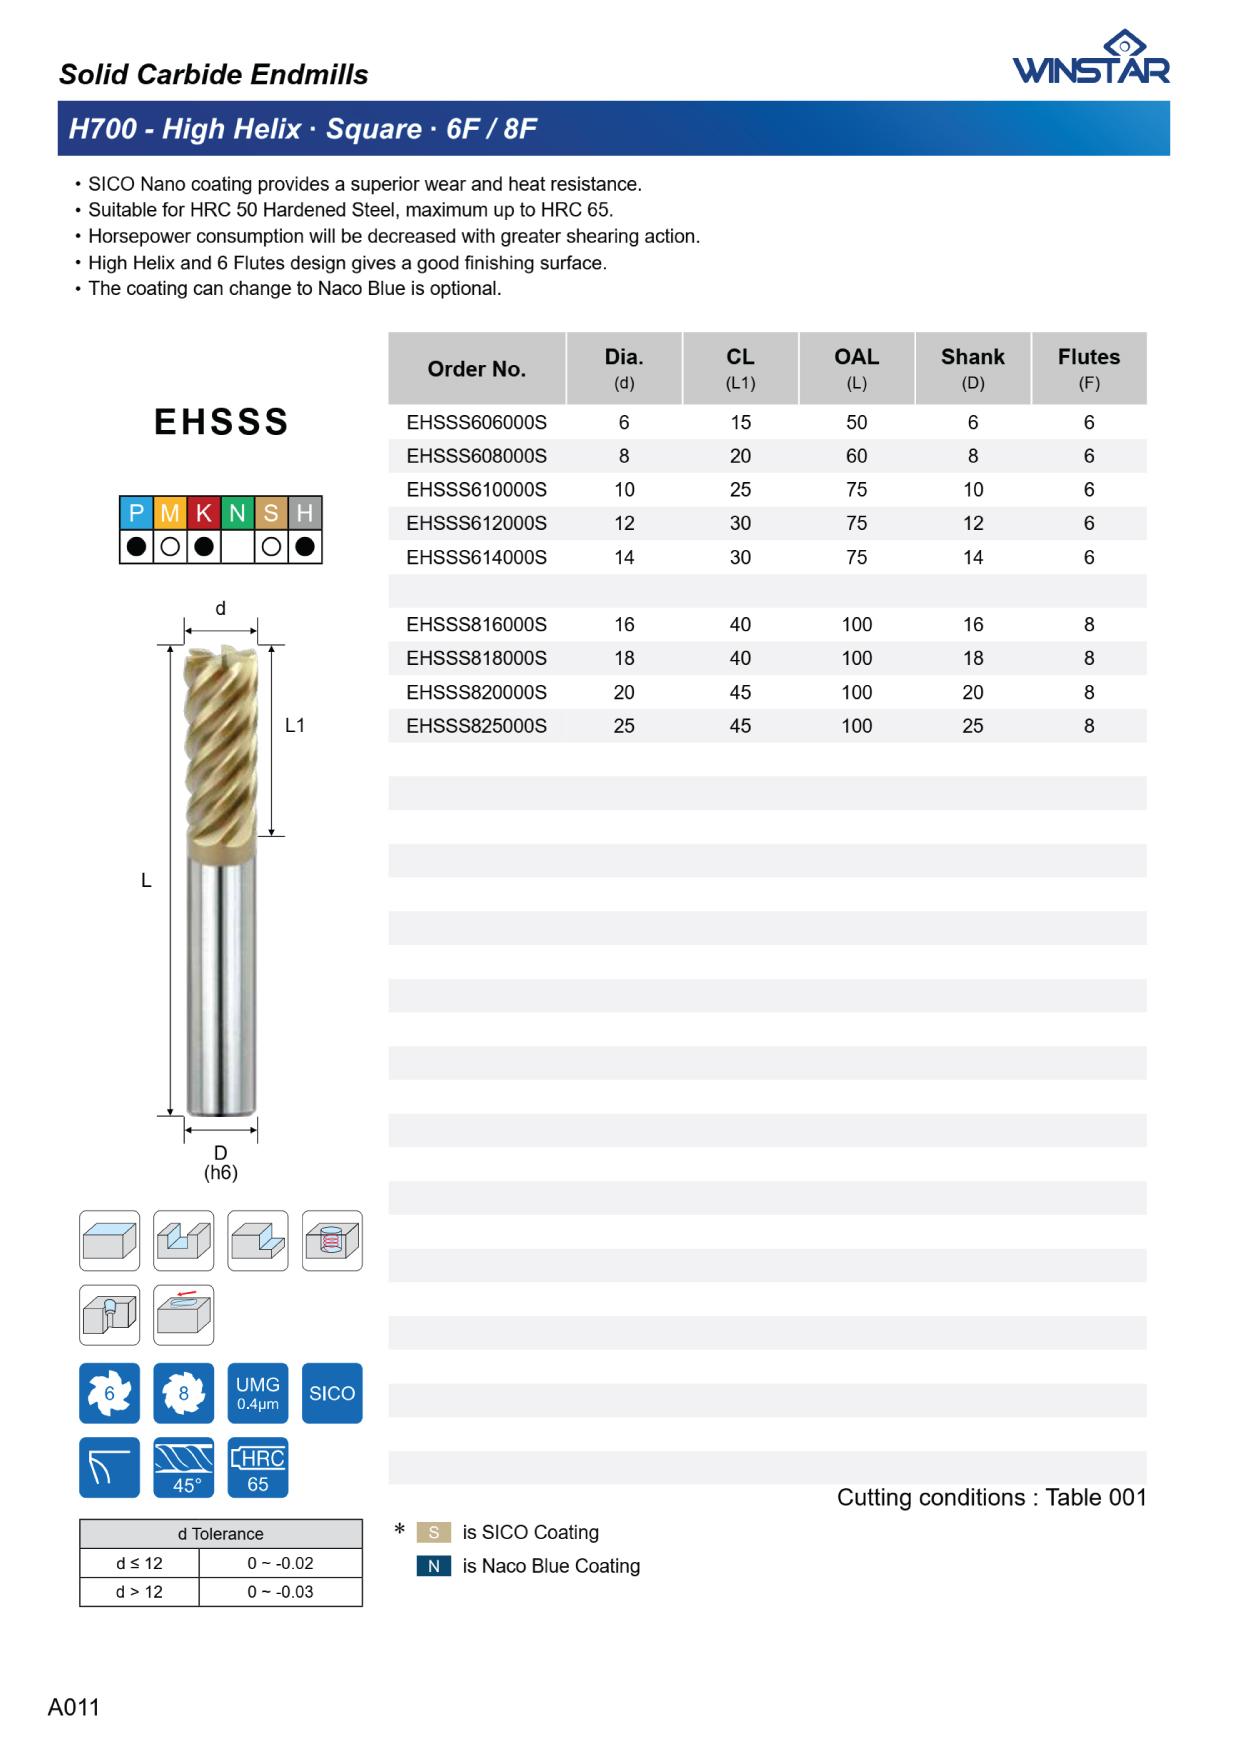 Dao Phay Nhôm High PerforDao Phay High Helix 6F-8F Winstar EHSSS Series H700 1mance Winstar A100 ENSSB 1